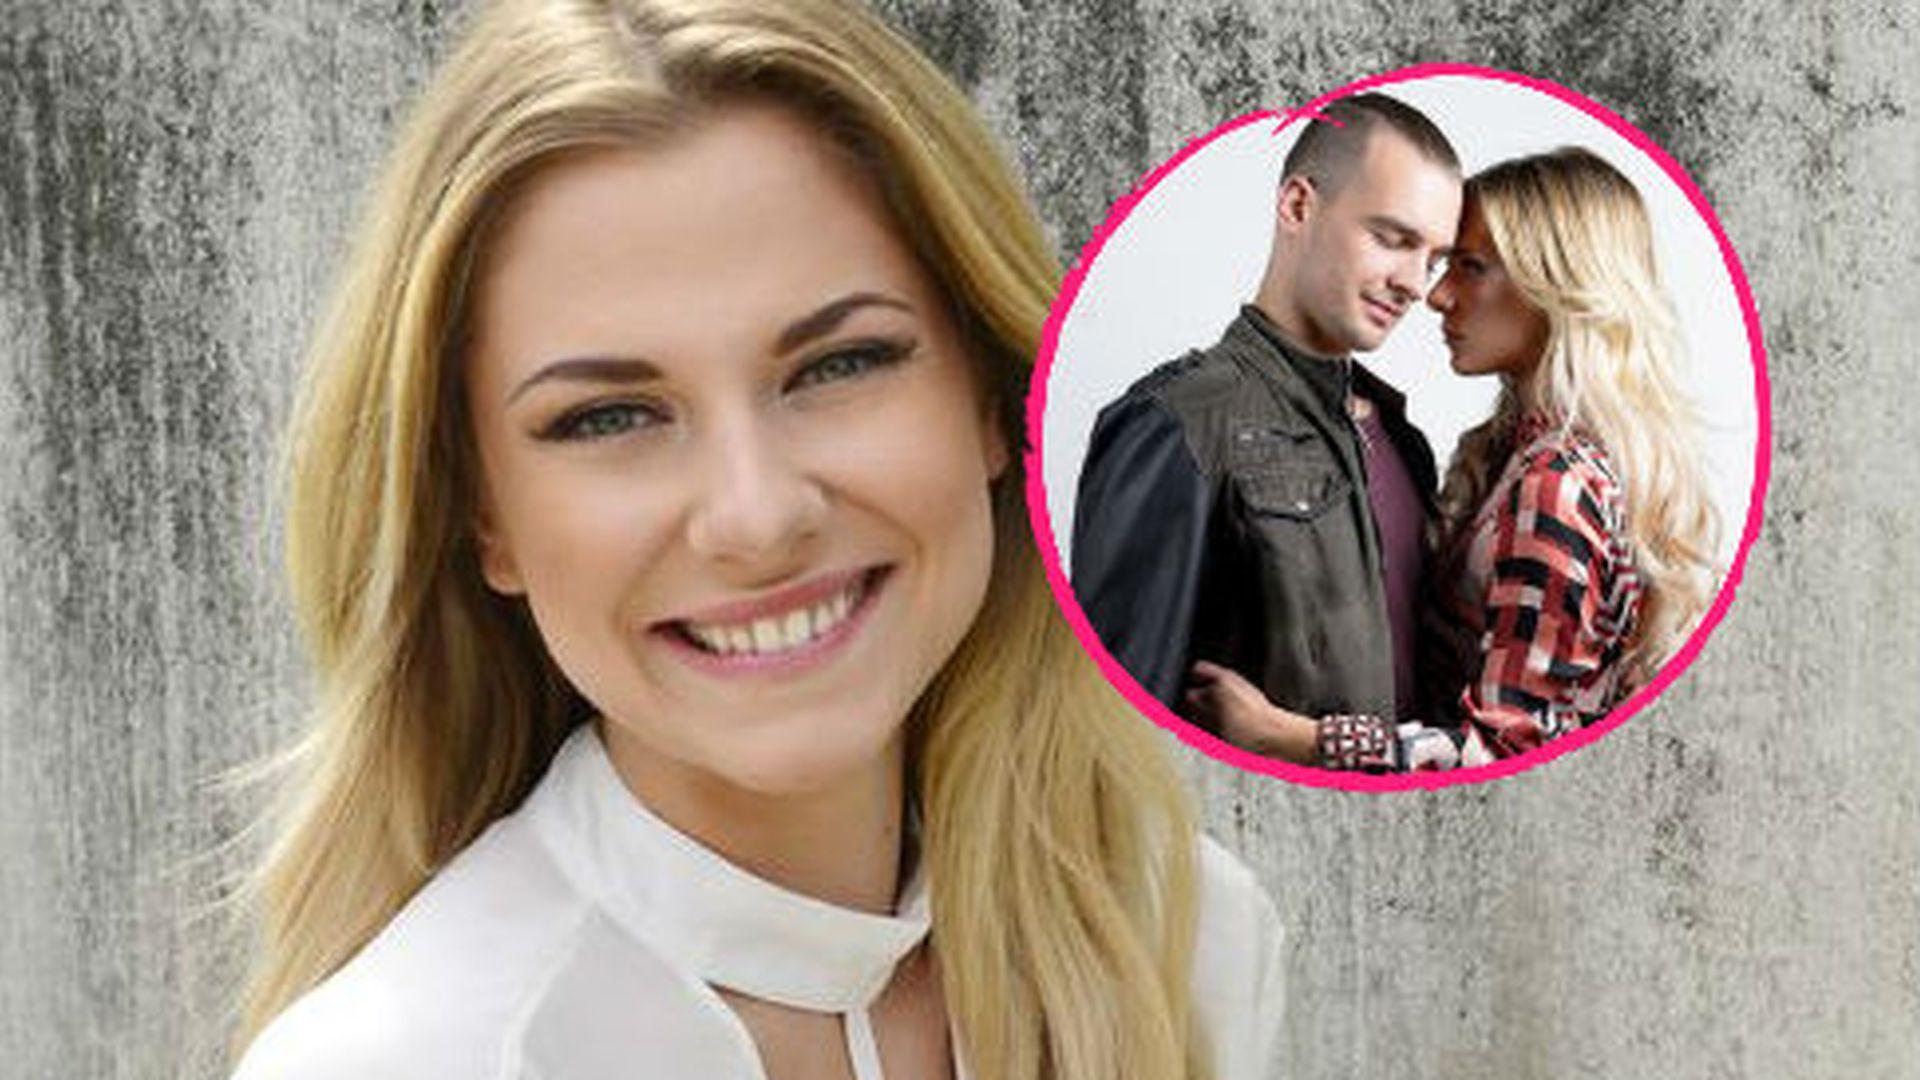 Haare Ab Für Ibiza Valentina Pahde Zeigt Ihre Neue Frisur